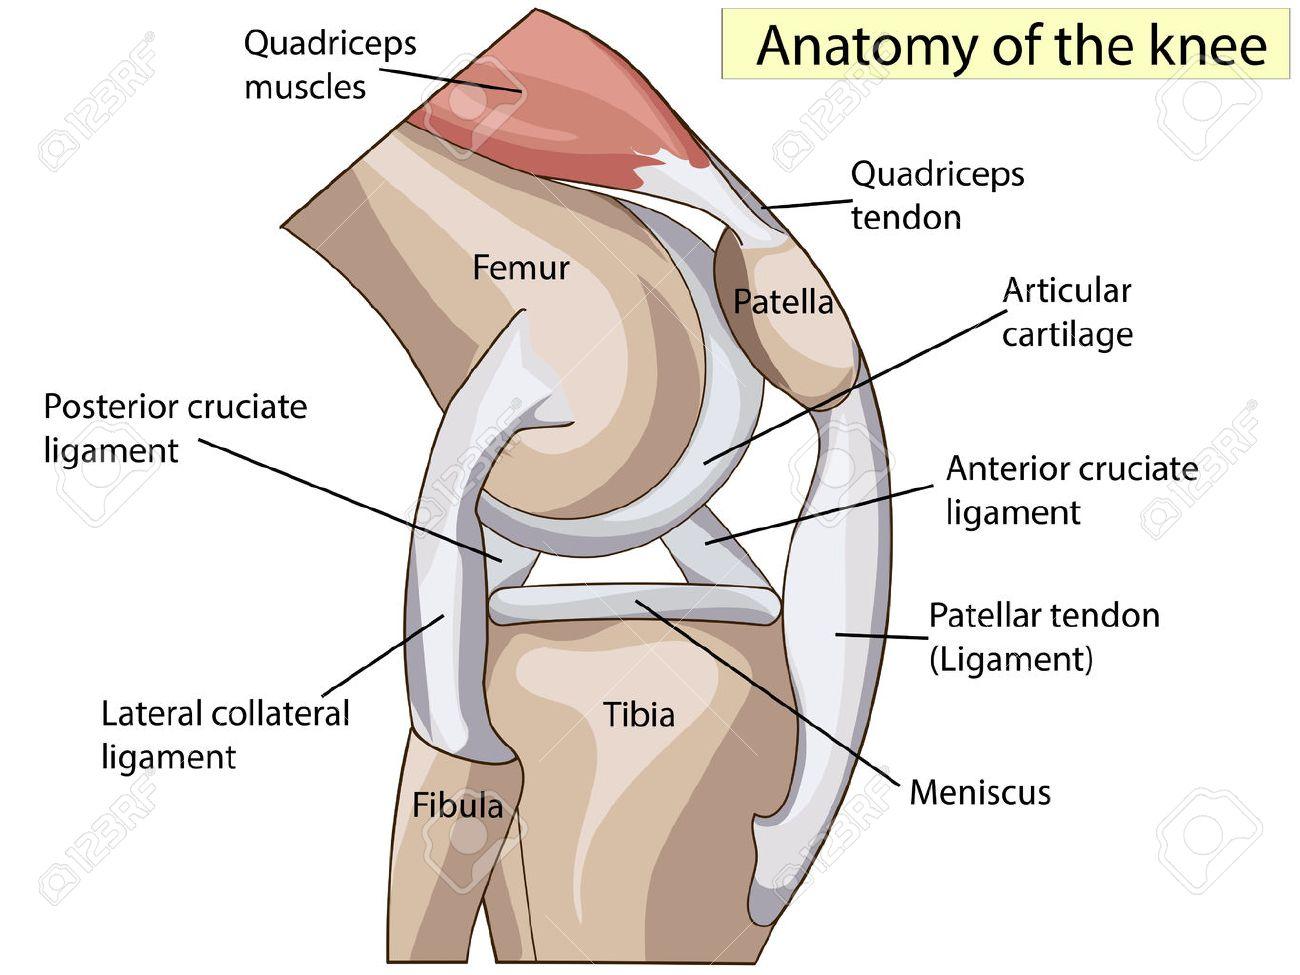 Anatomie. Kniegelenk Querschnitt Die Hauptteile Zeigt, Die Das ...